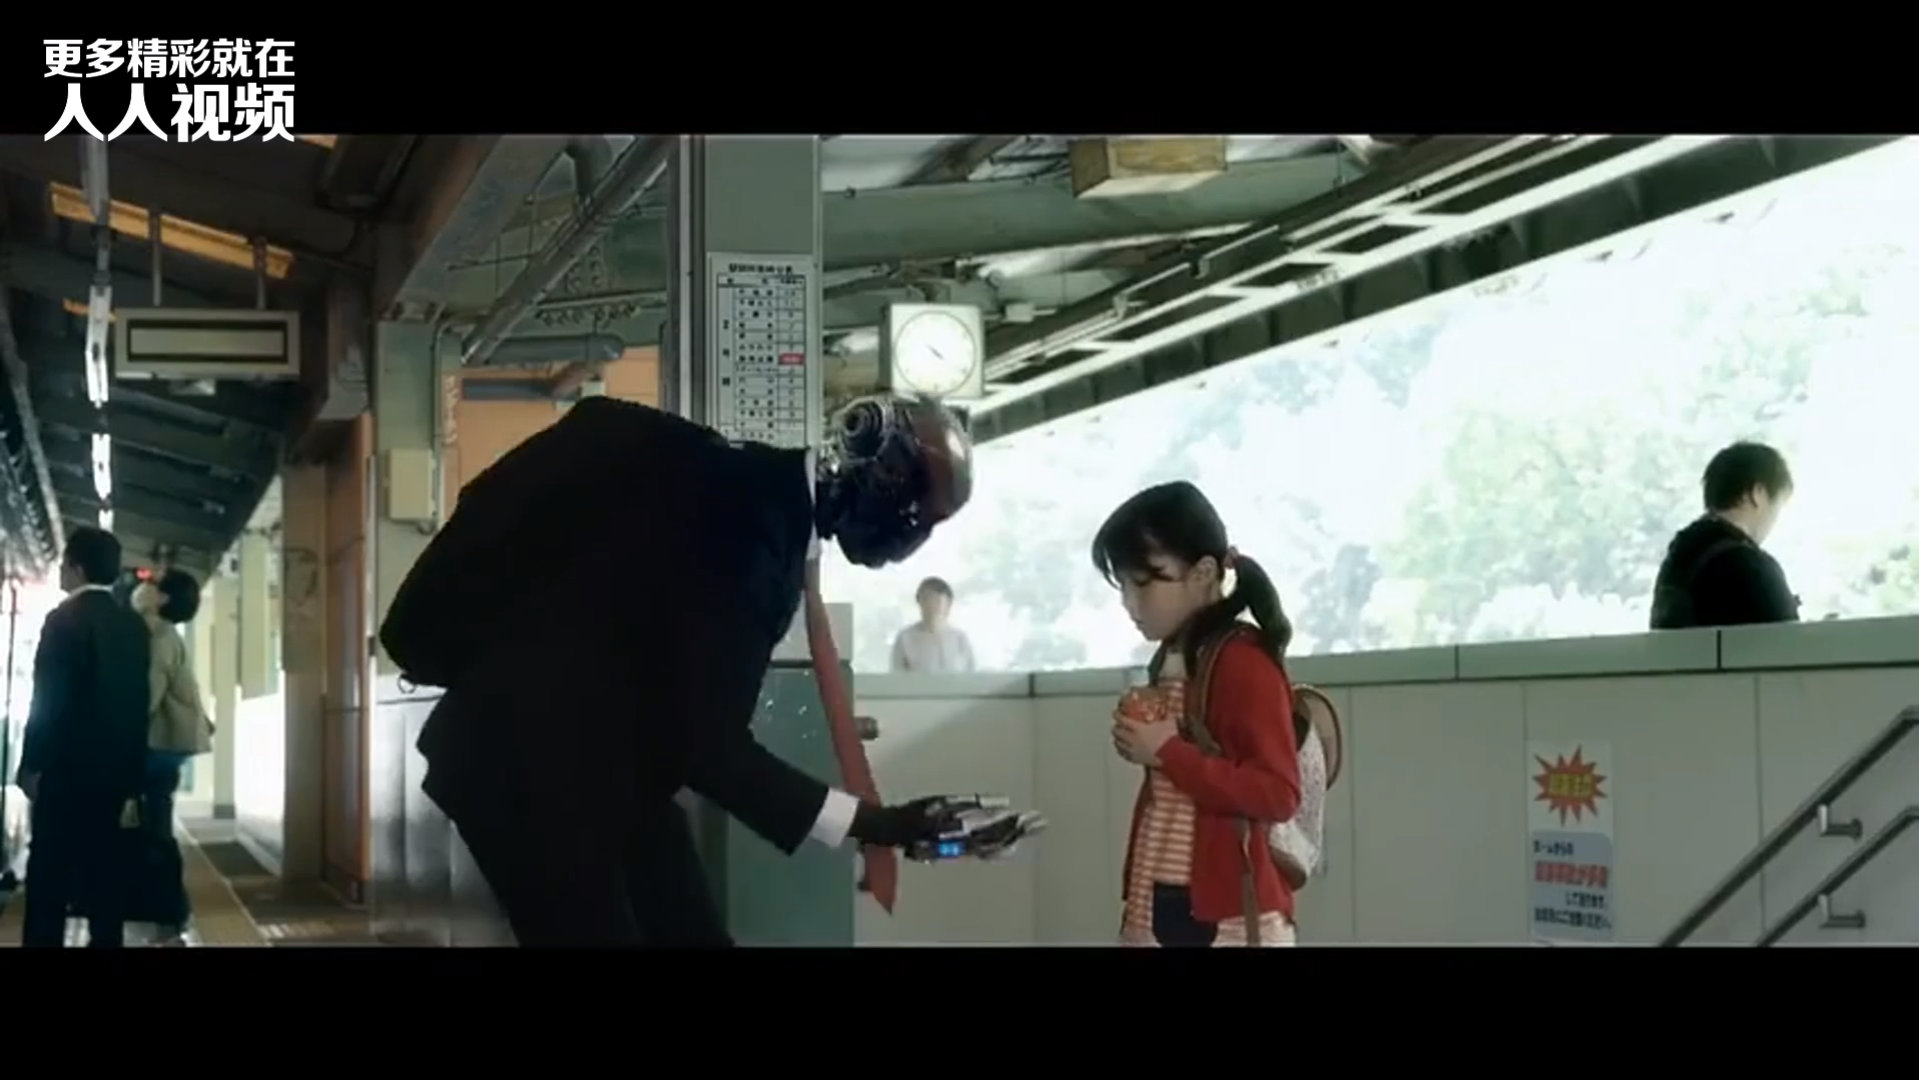 日本感人反讽短片《你的善良一文不值》